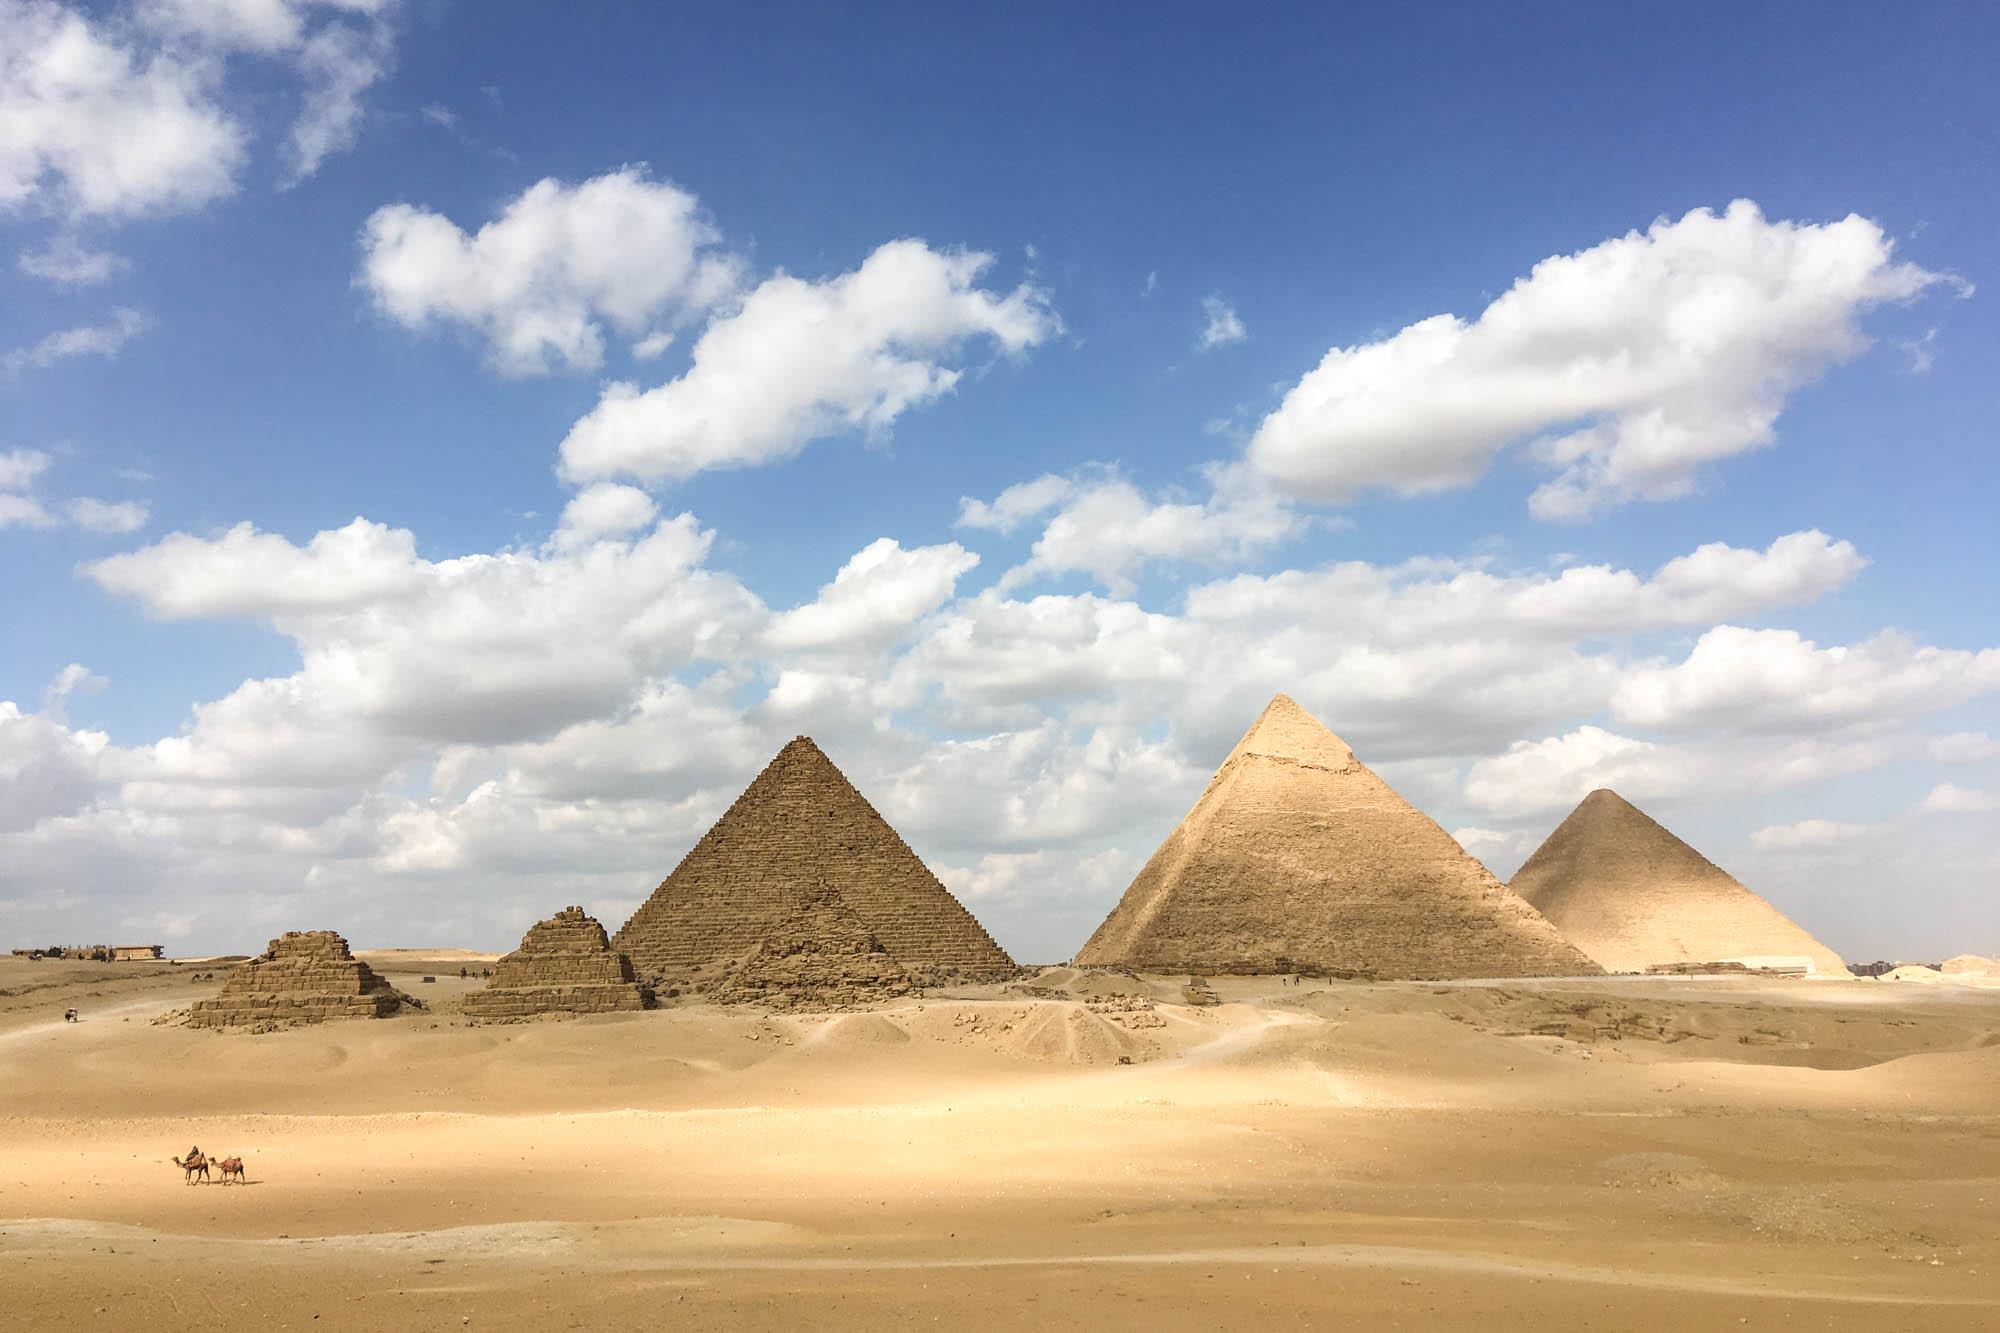 Die Pyramiden auf dem Giza-Plateau, etwa 15 Kilometer vom Stadtzentrum Kairos entfernt, stammen aus der 4. Dynastie, also dem Alten Reich, etwa um 2500 v. Chr. Die Könige Cheops (Khufru), Chephren (Khafre) und Mykerinos (Menkaure) ließen sich dort ihre Königsgräber erbauen. Foto: Lothar Ruttner